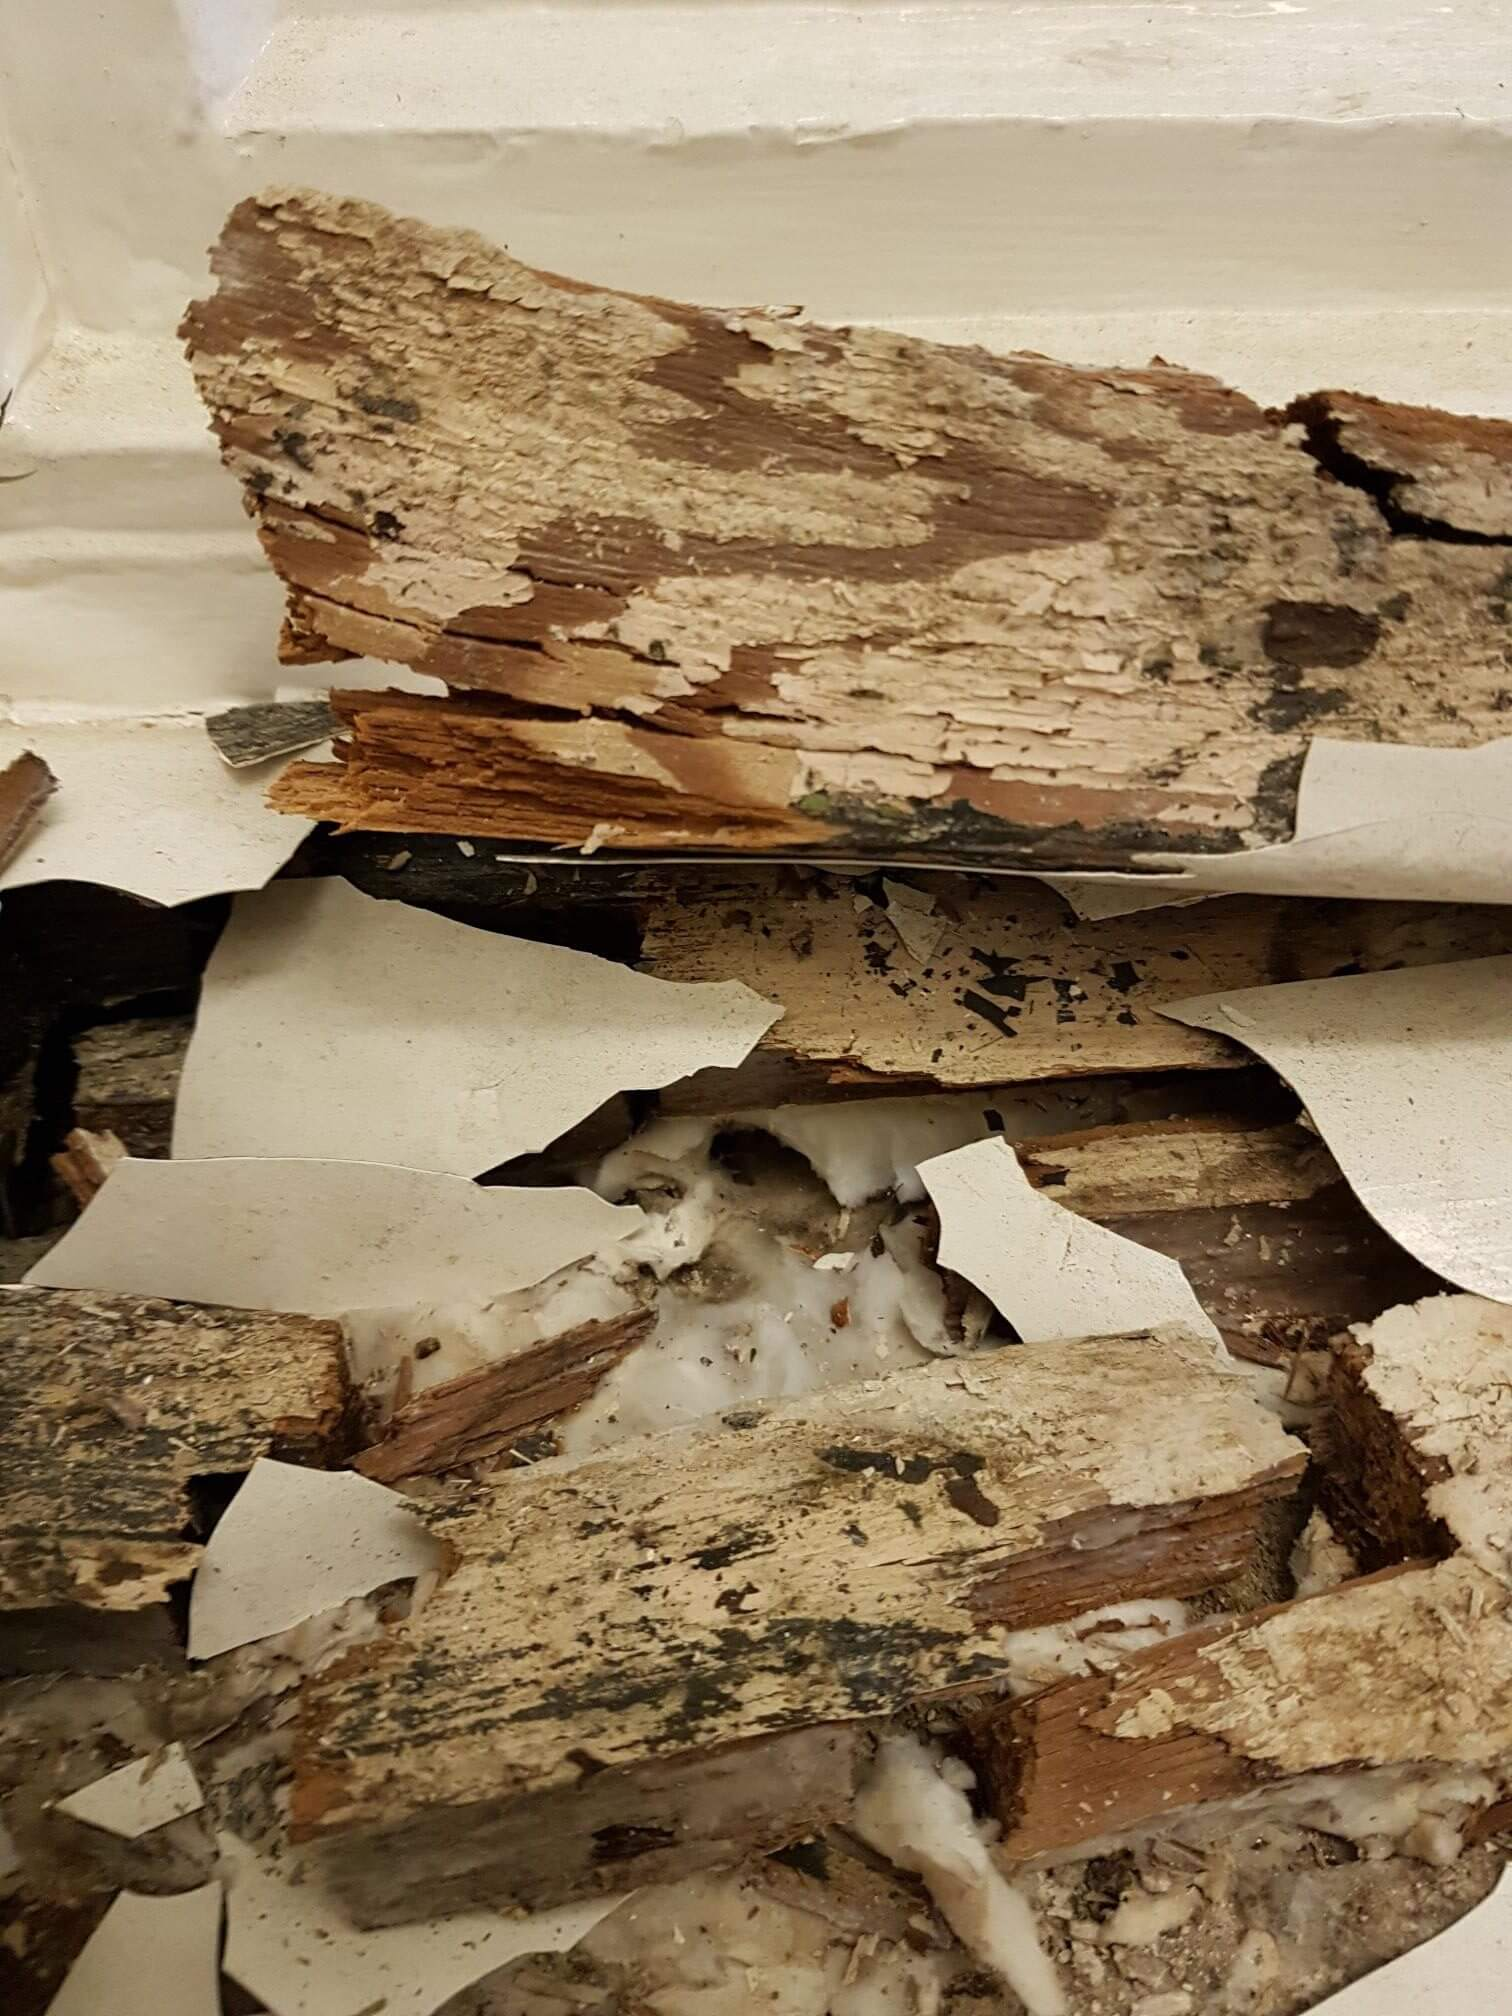 True Dry Rot Fungus (Serpula lacrymans)